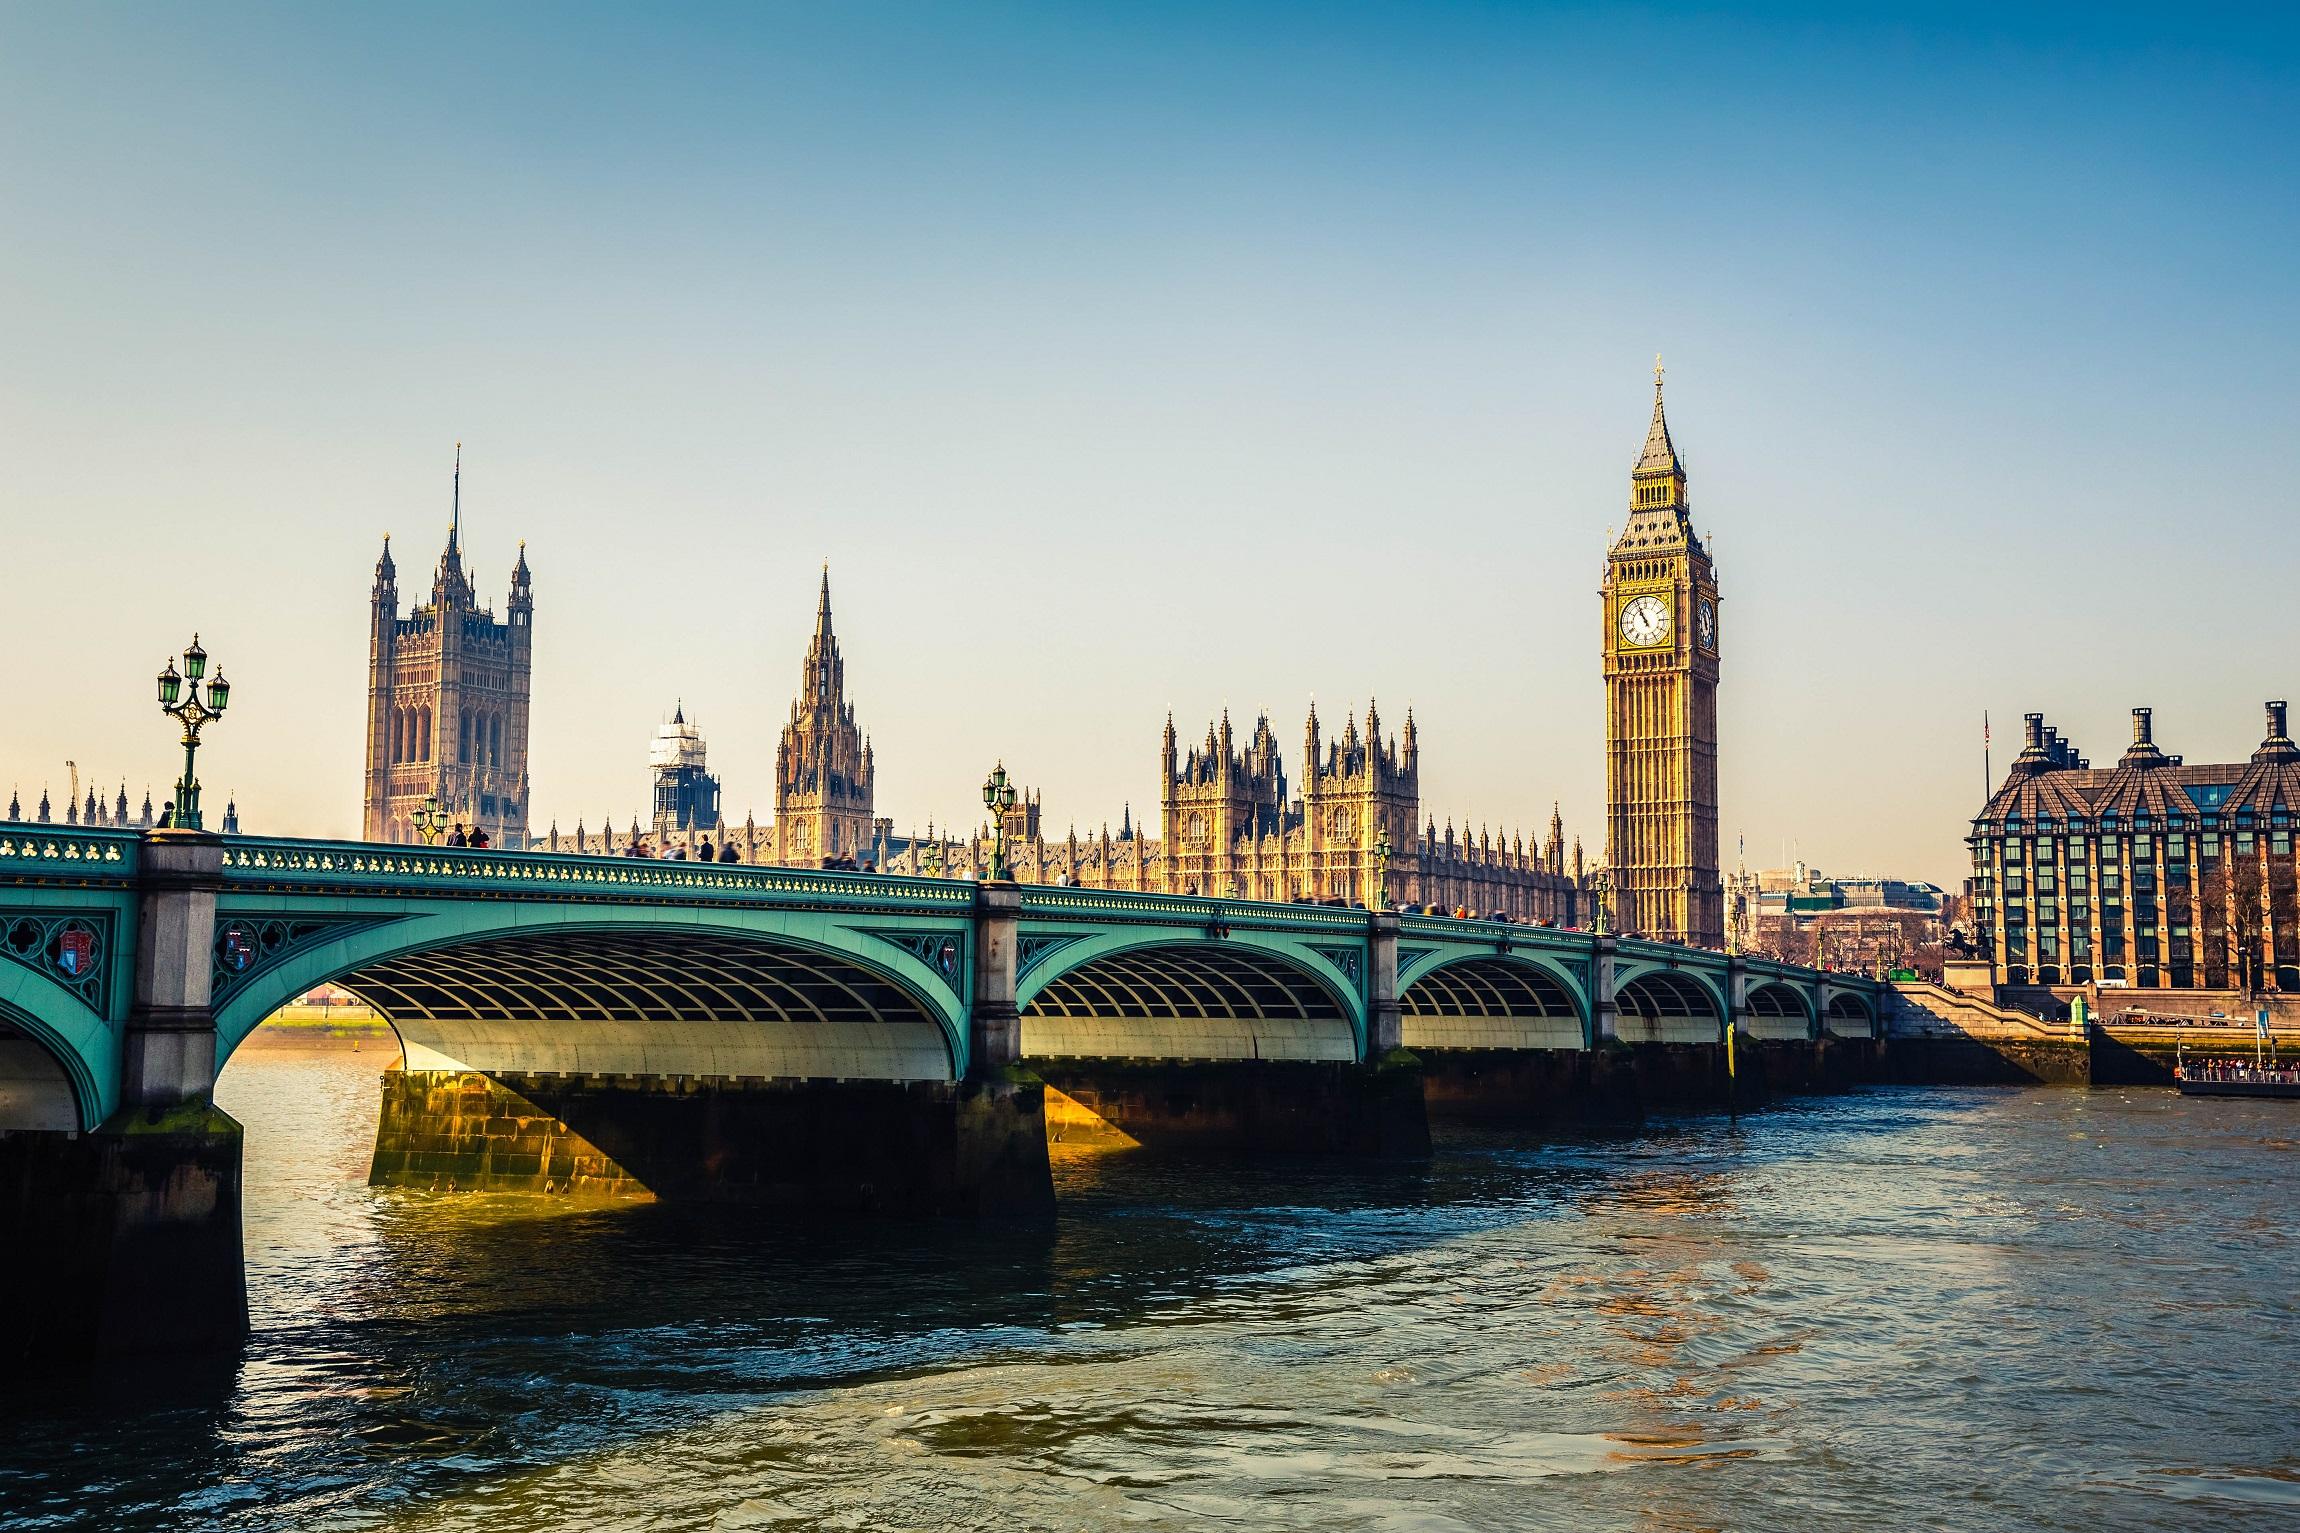 Big-Ben-und-Häuser-des-Parlaments-London-iStock-538409027-2.jpg